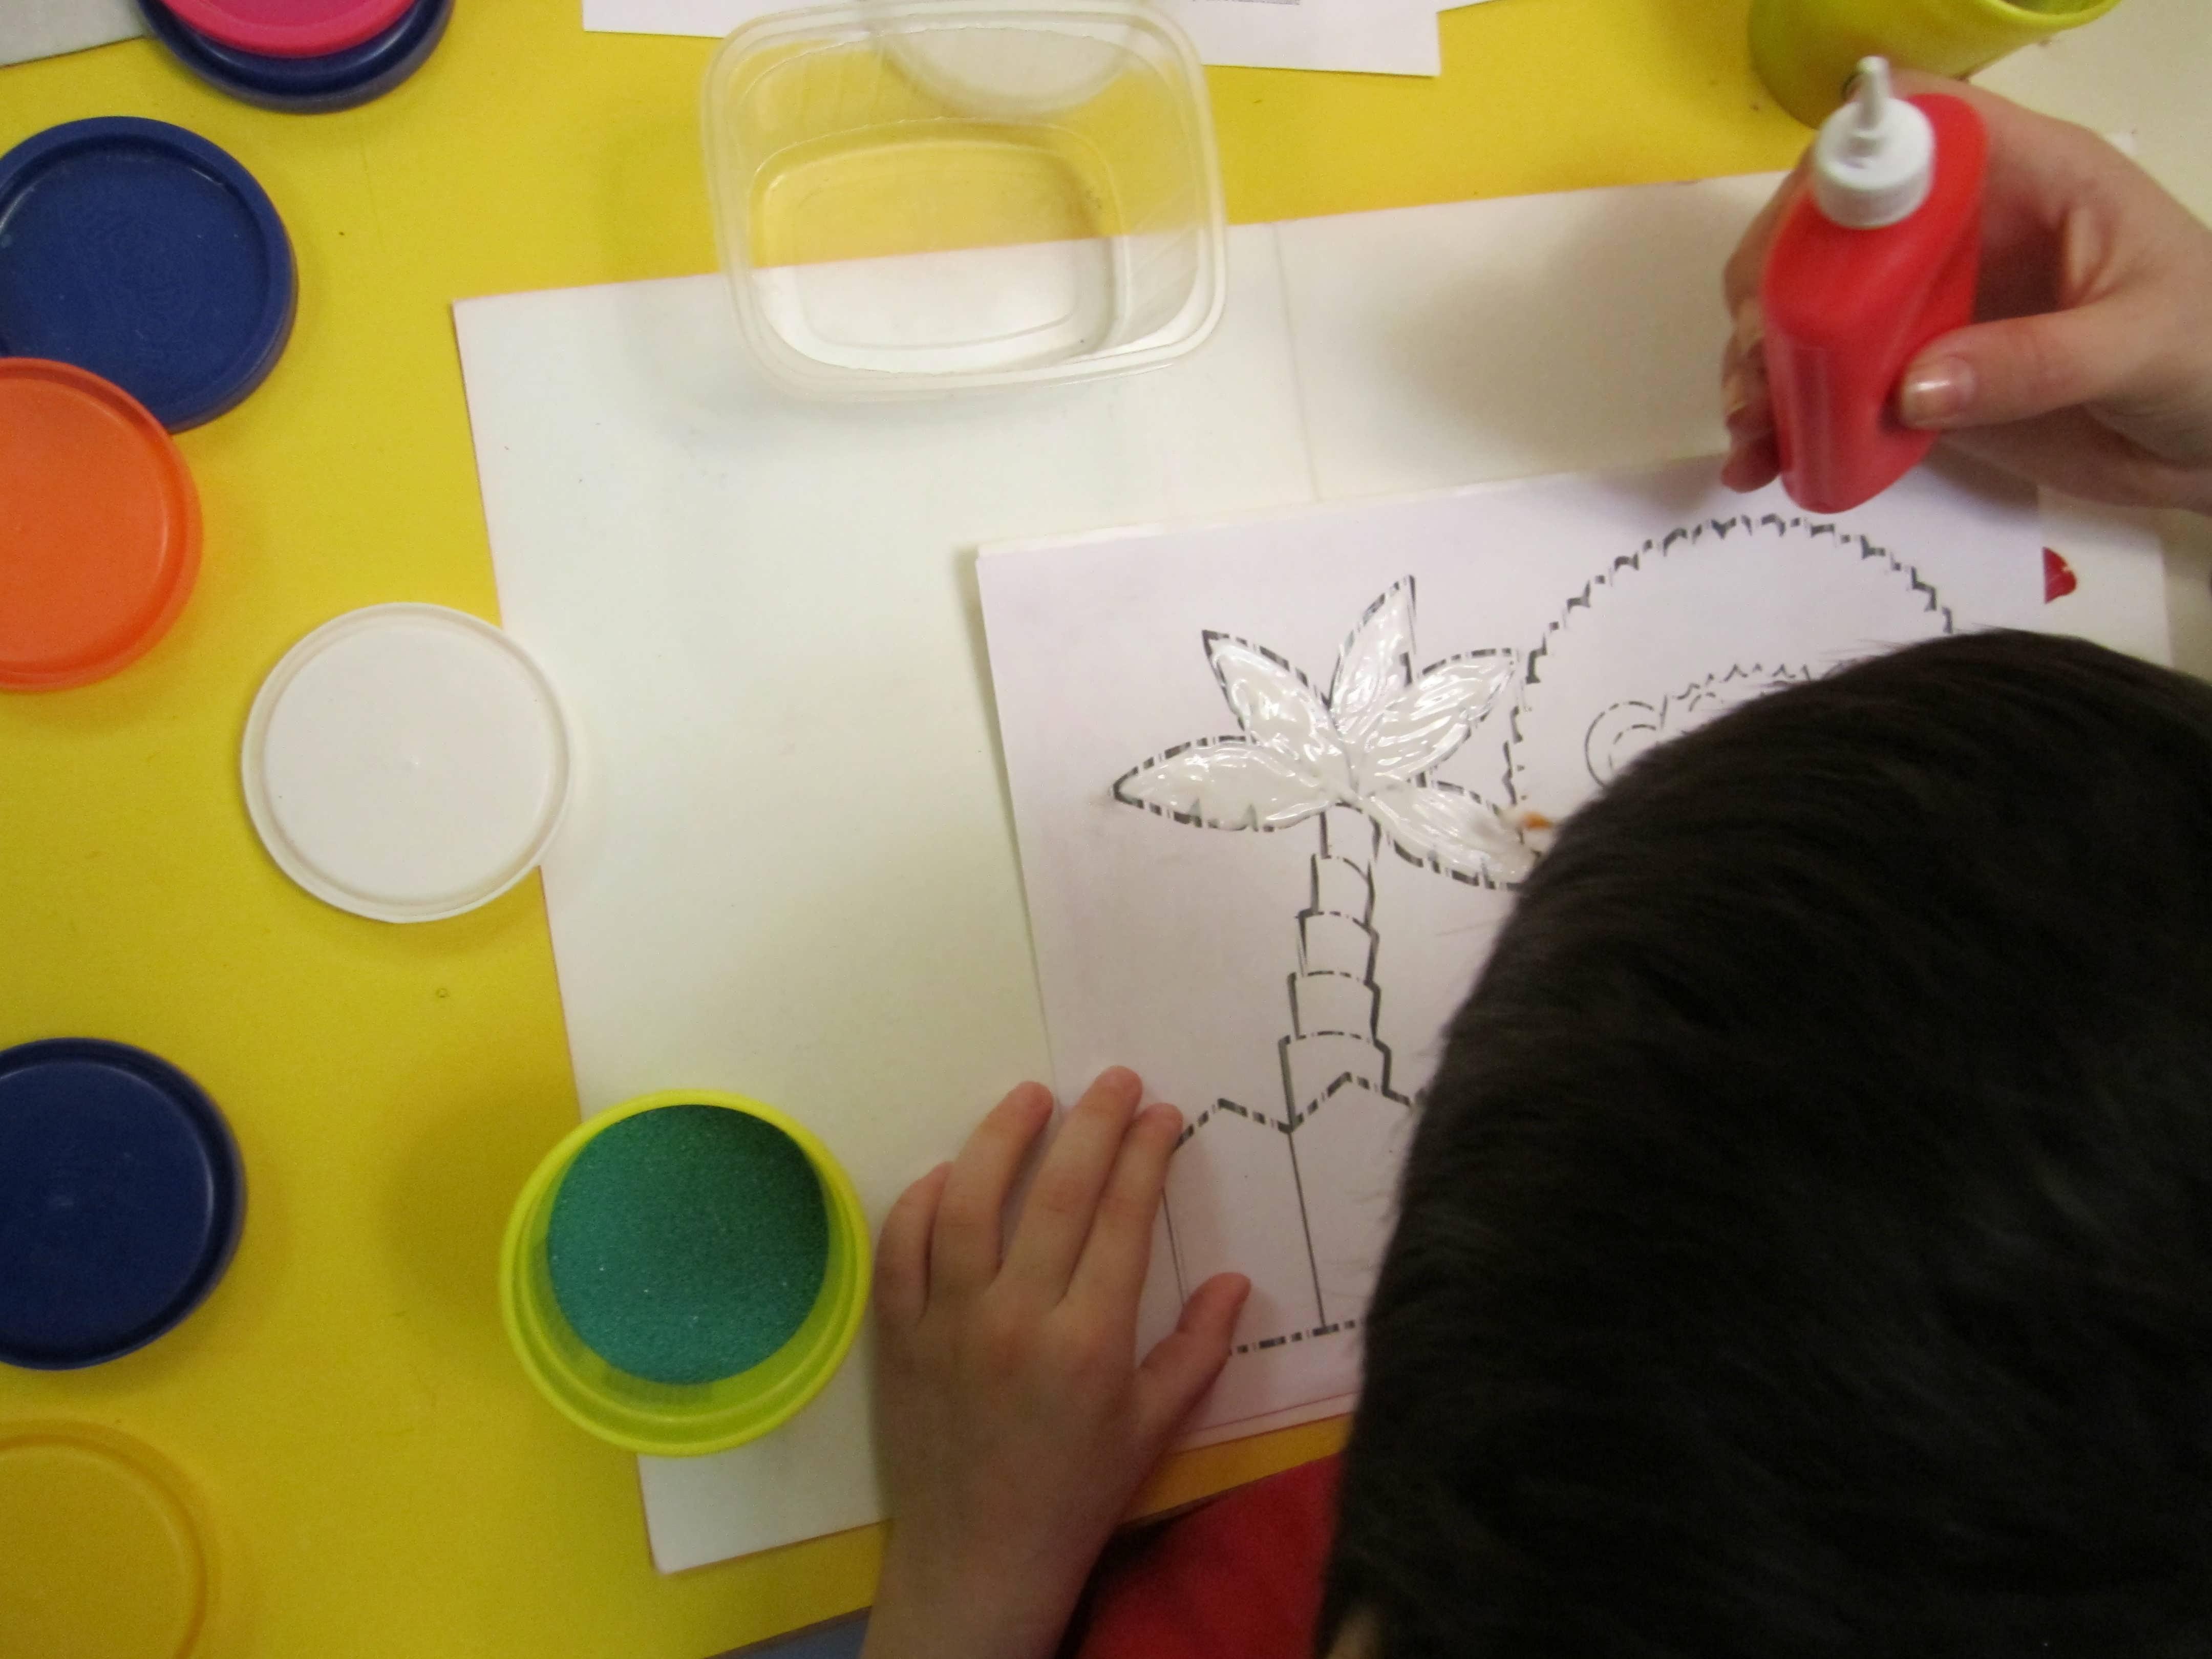 Рисование песком для детей техника нанесения песка на